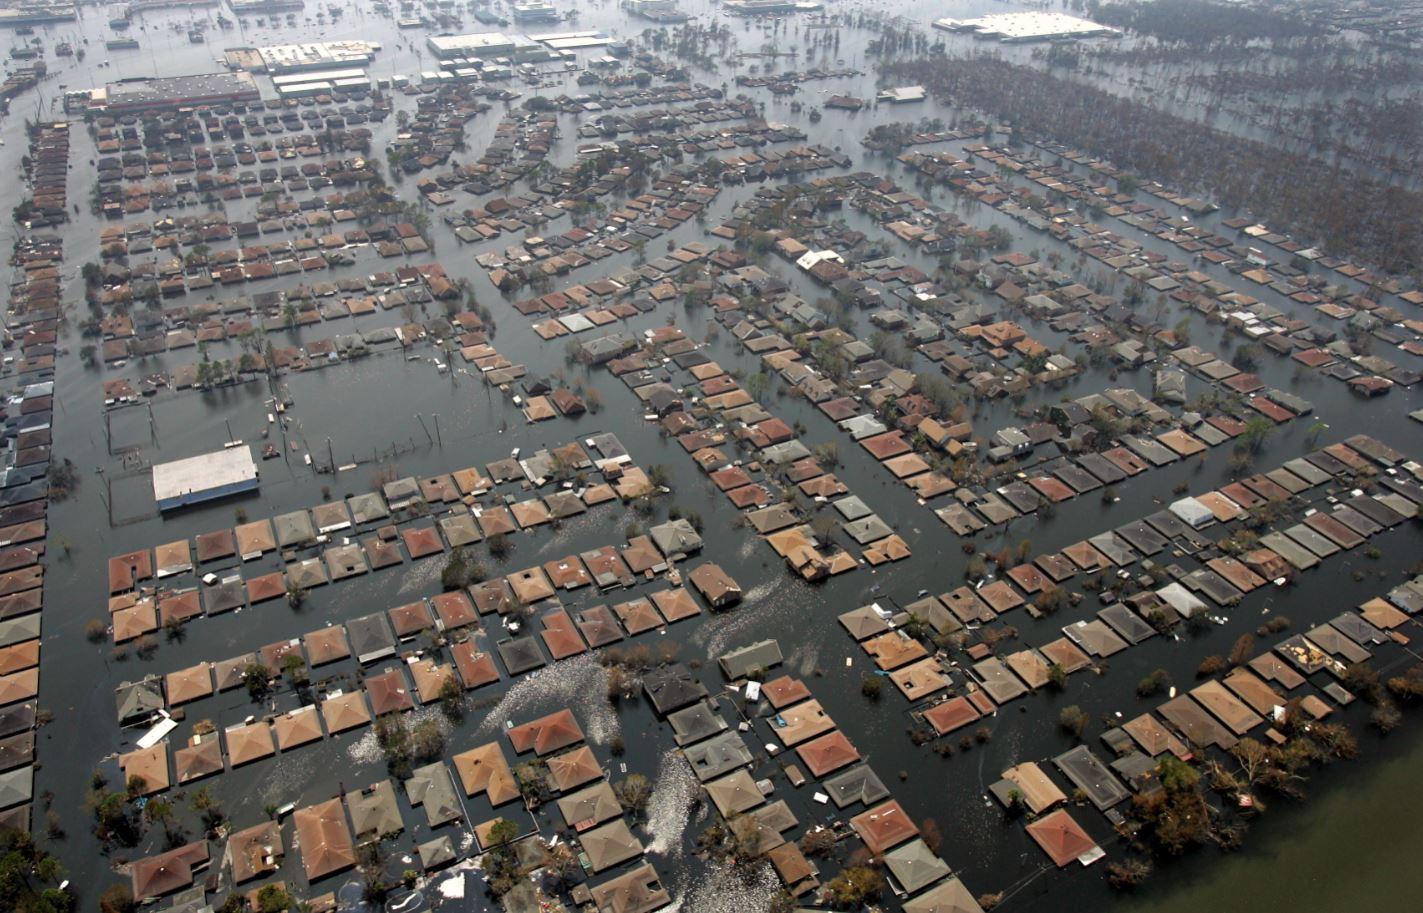 Desastres climáticos disparan pérdidas económicas